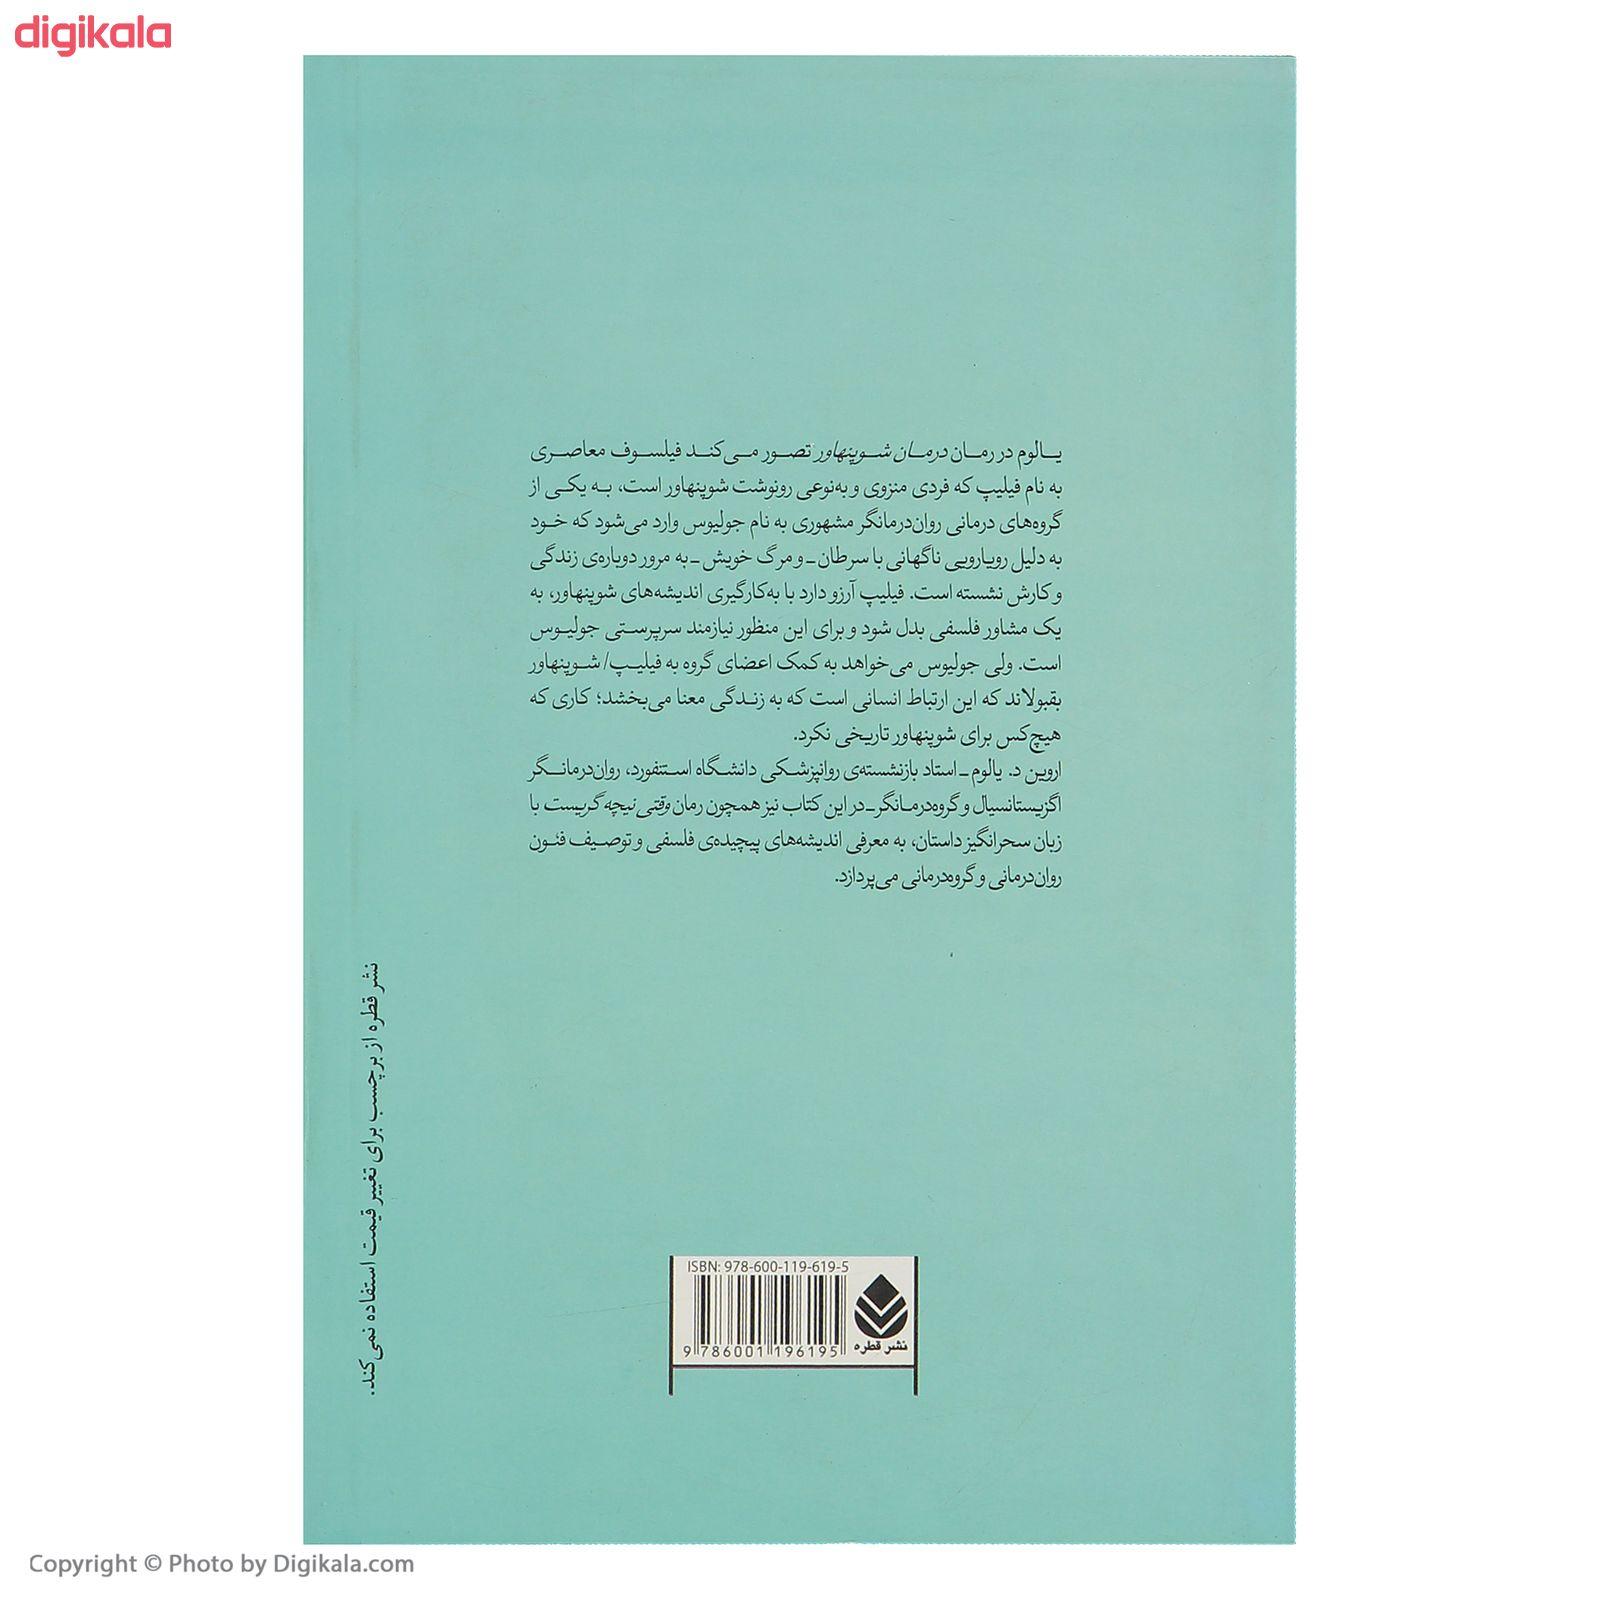 کتاب درمان شوپنهاور اثر اروین د. یالوم main 1 1